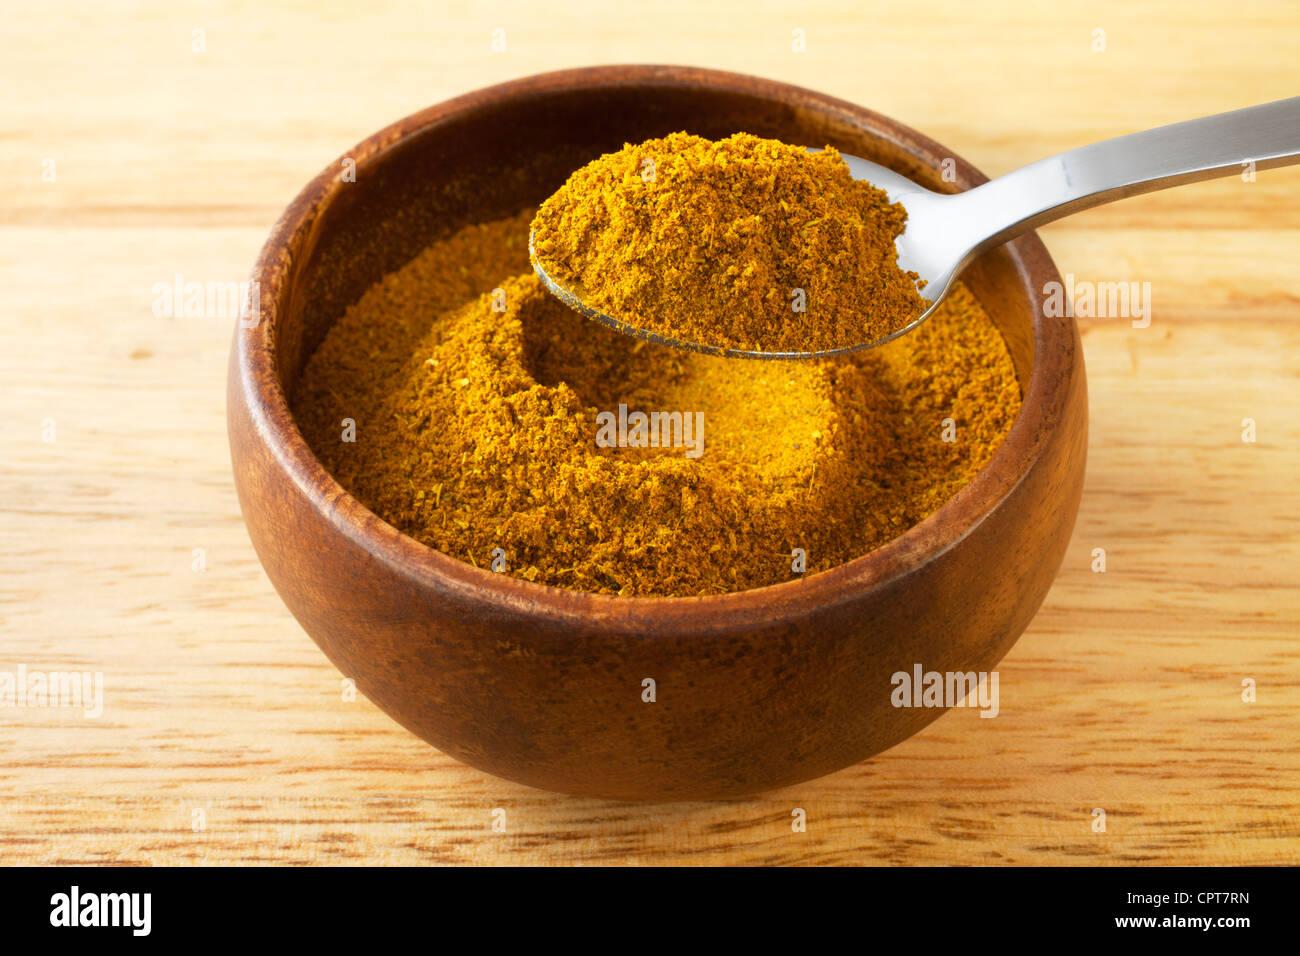 Moroccan spice mix ras el hanout, - Stock Image